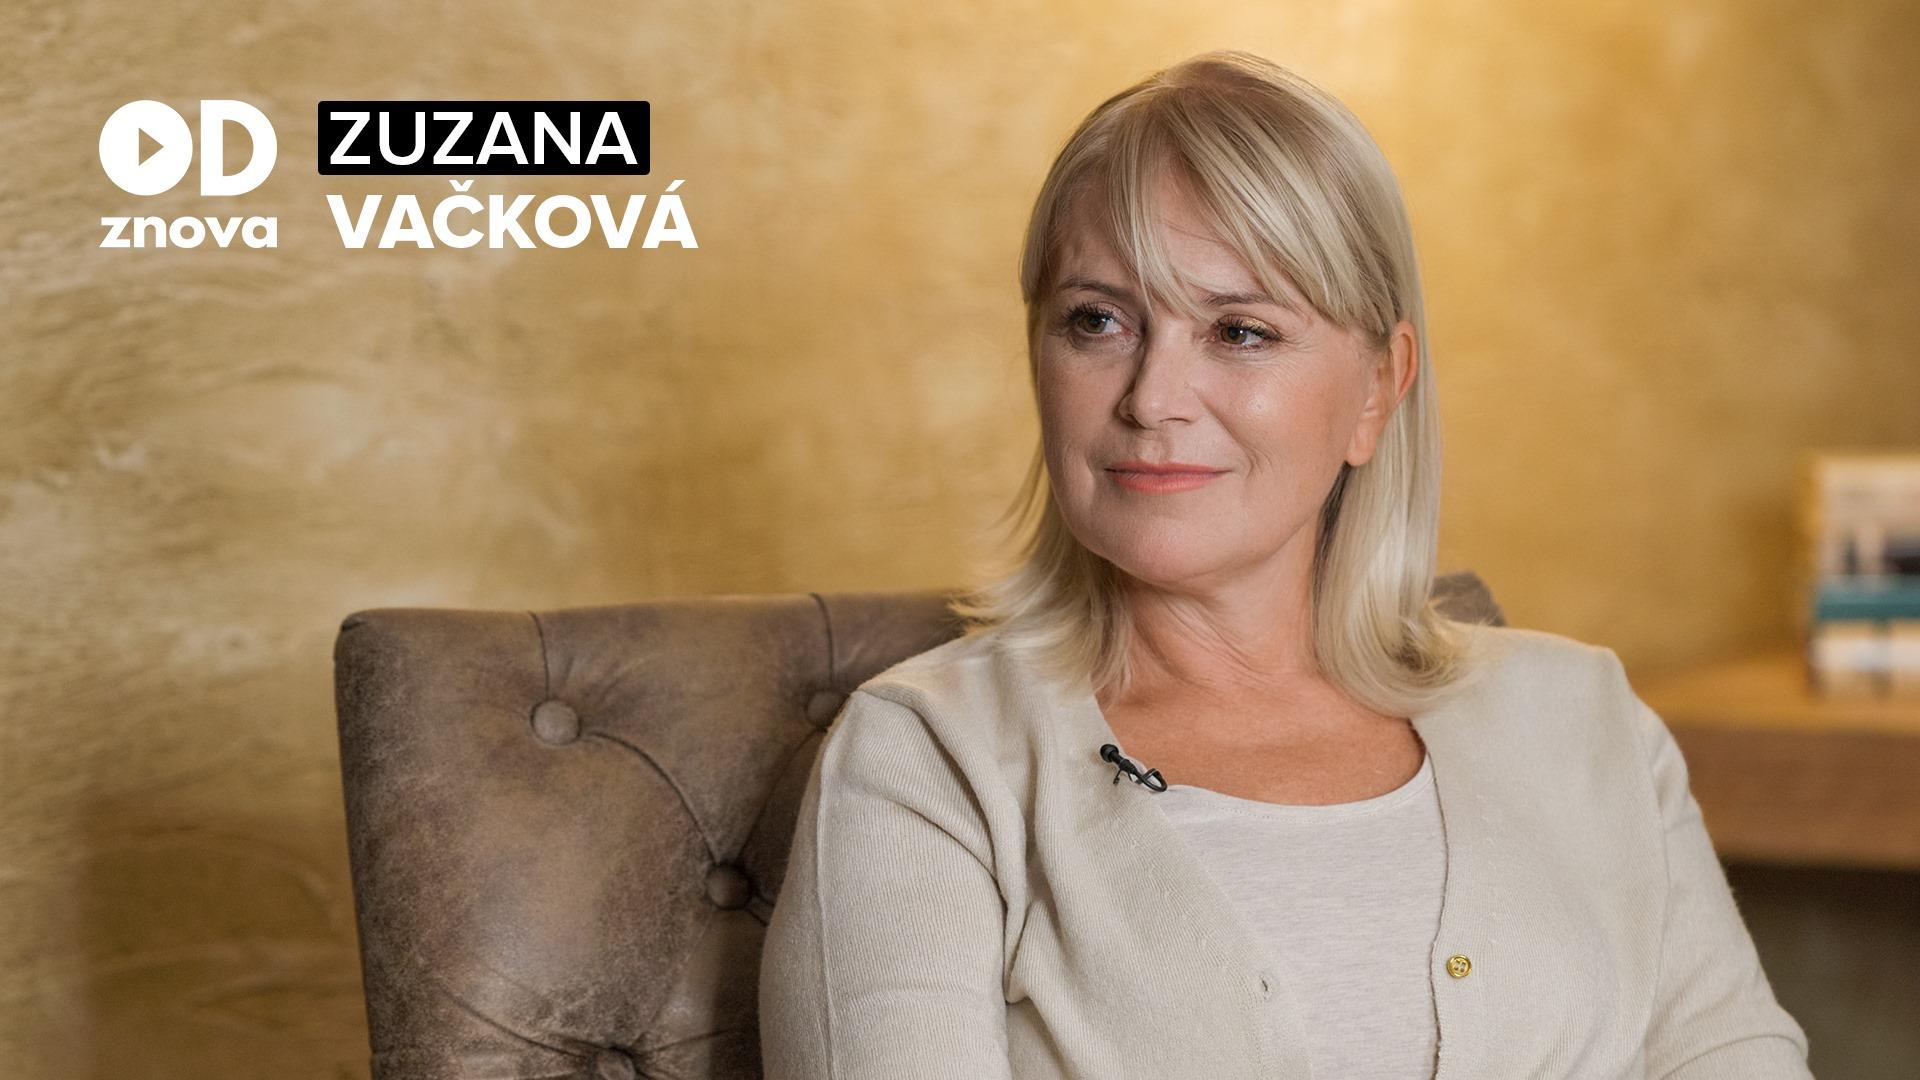 Zuzana Vačková: Keď žena nemá chuť na sex s partnerom, neznamená to hneď, že má iného.